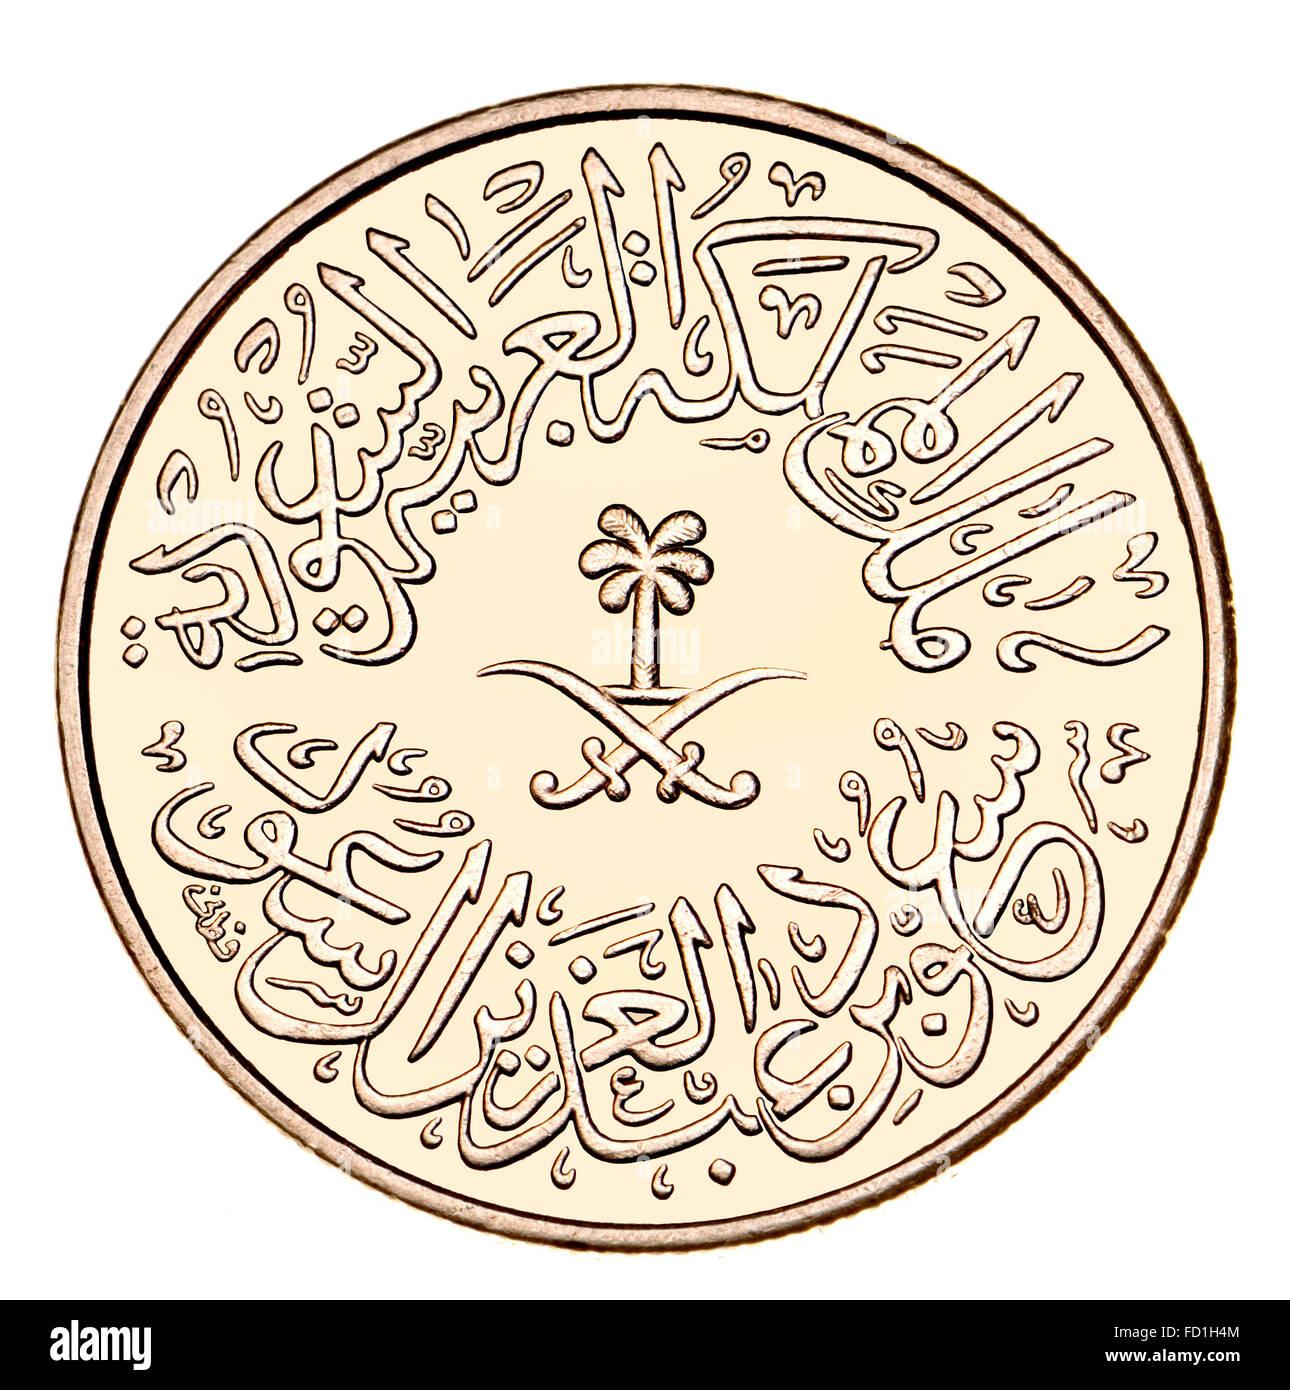 4 / Qirsh Ghirsh Coin de Arabia Saudita mostrando escritura árabe y símbolos, palmera y espadas cruzadas Imagen De Stock